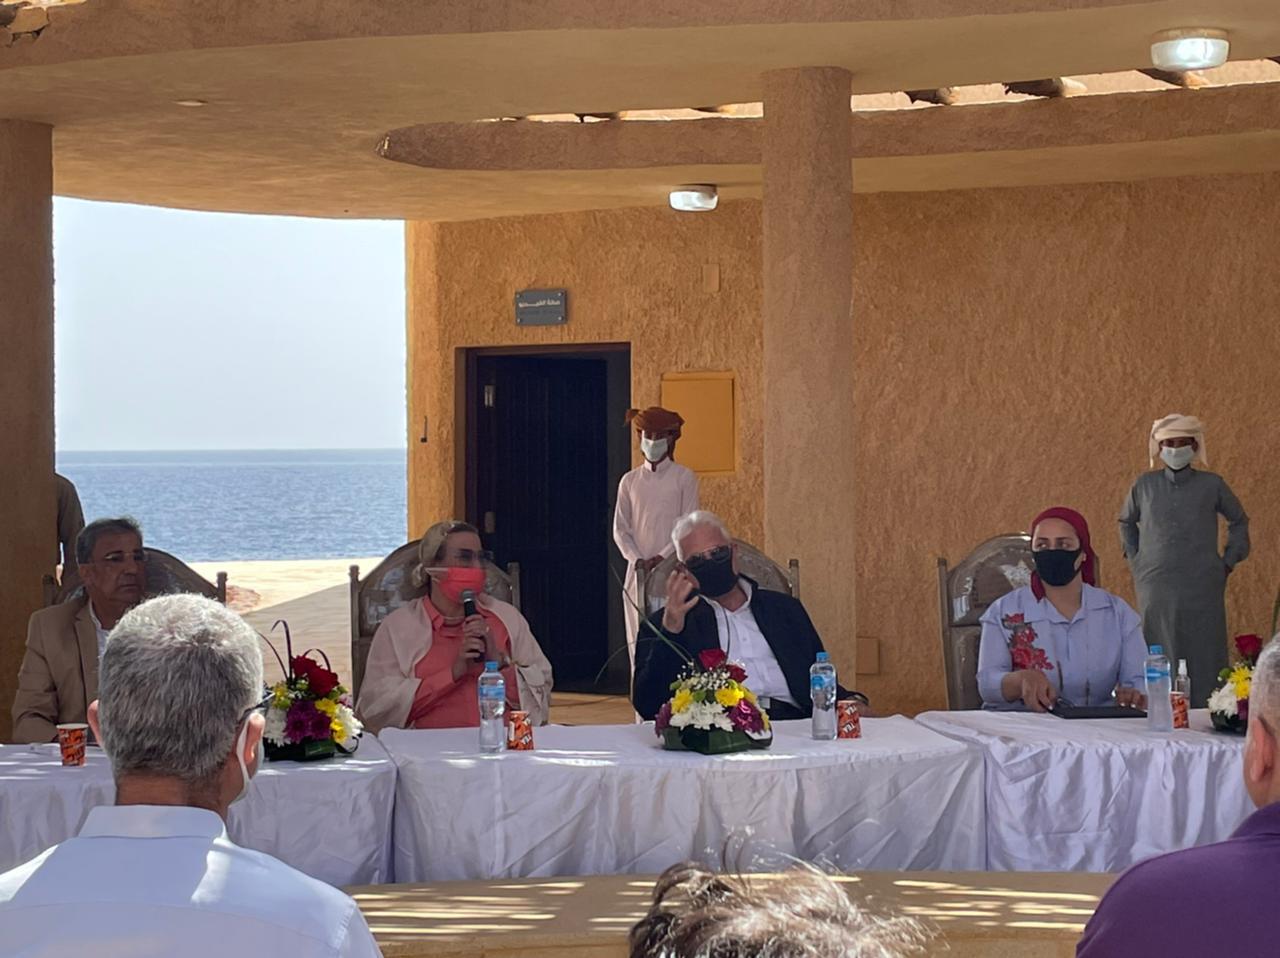 وزيرة البيئة تطلق خطة الإدارة البيئية للأنشطة البحرية من محمية رأس محمد بشرم الشيخ